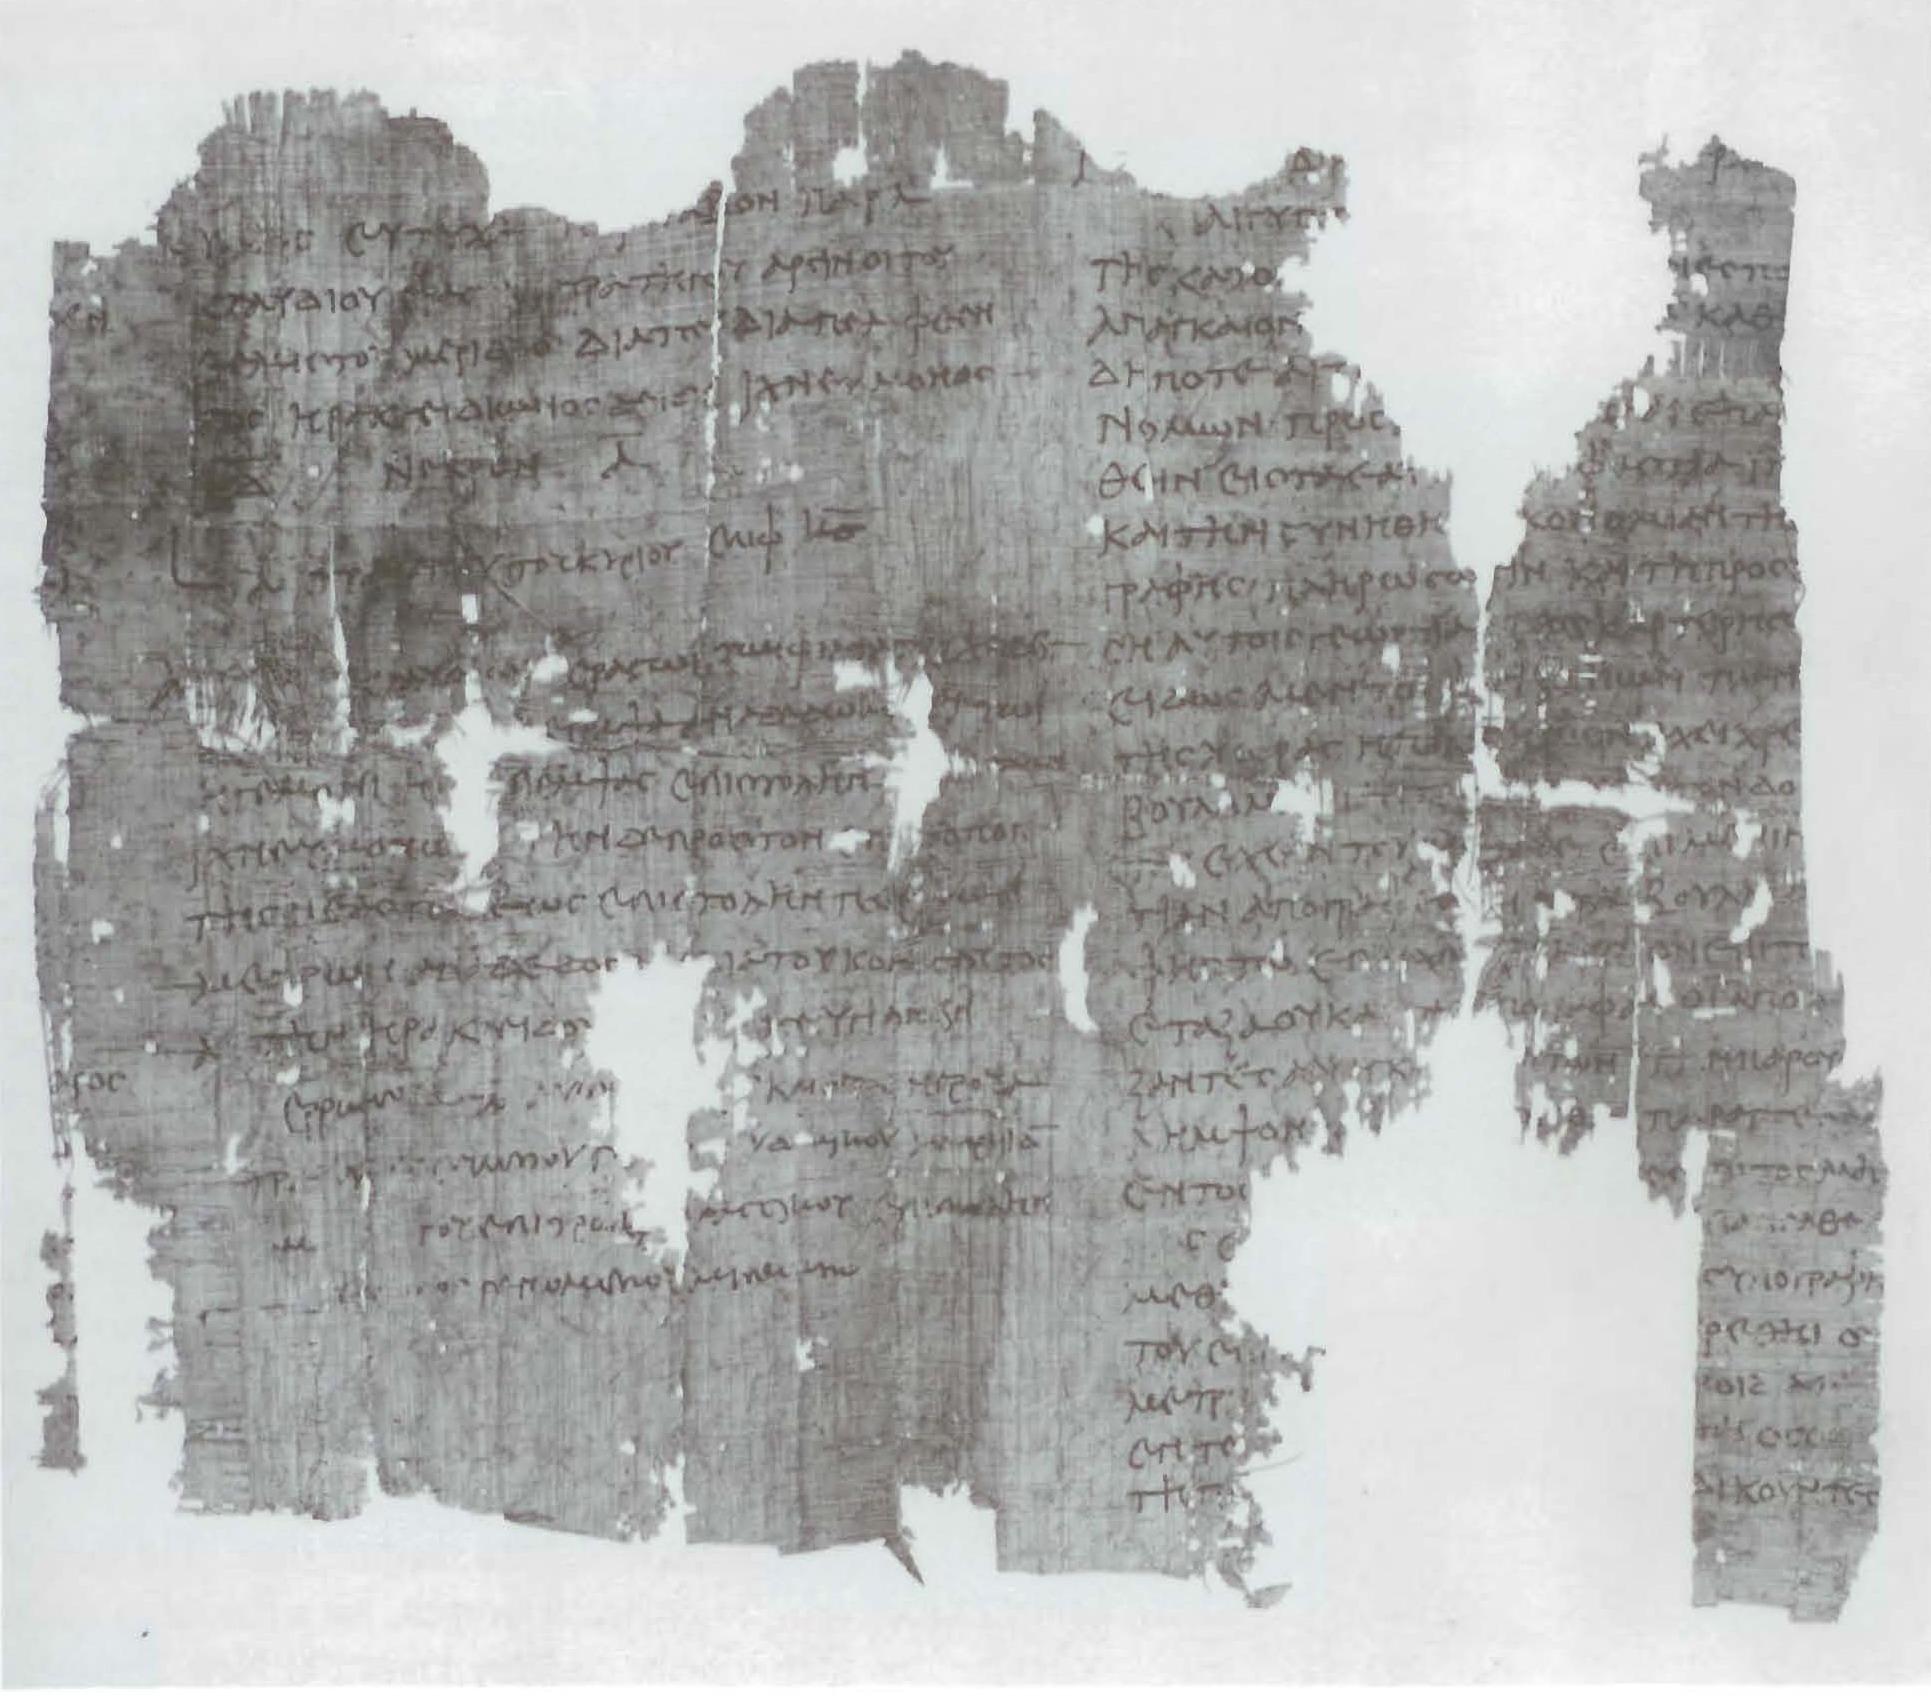 上图:主后104年埃及巡抚的人口普查蒲草纸布告,命令每个男人都返回家乡登记。原件藏于大英博物馆。